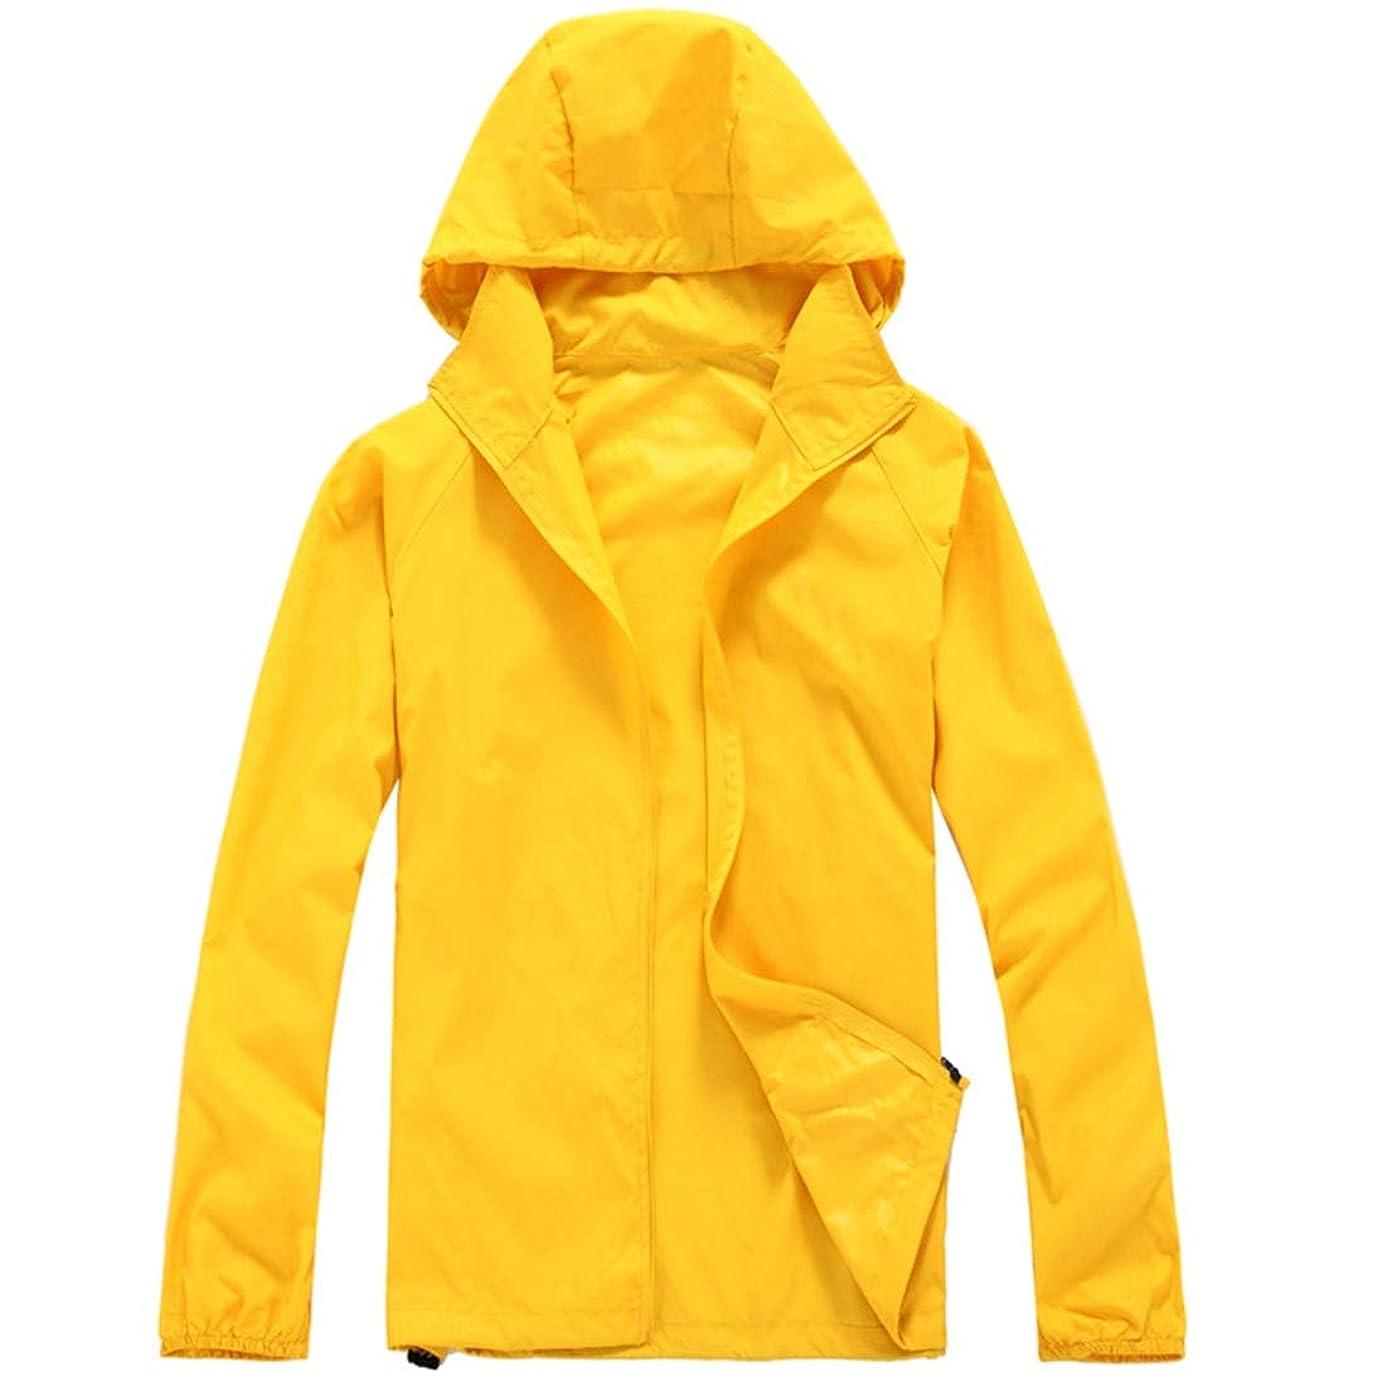 モーション報いるアイザックCAFUTY 男性と女性のためのアウトドアスポーツ、ハイキングやレジャー用品通気性の防水速乾性のある服 (色 : イエロー, サイズ : L)